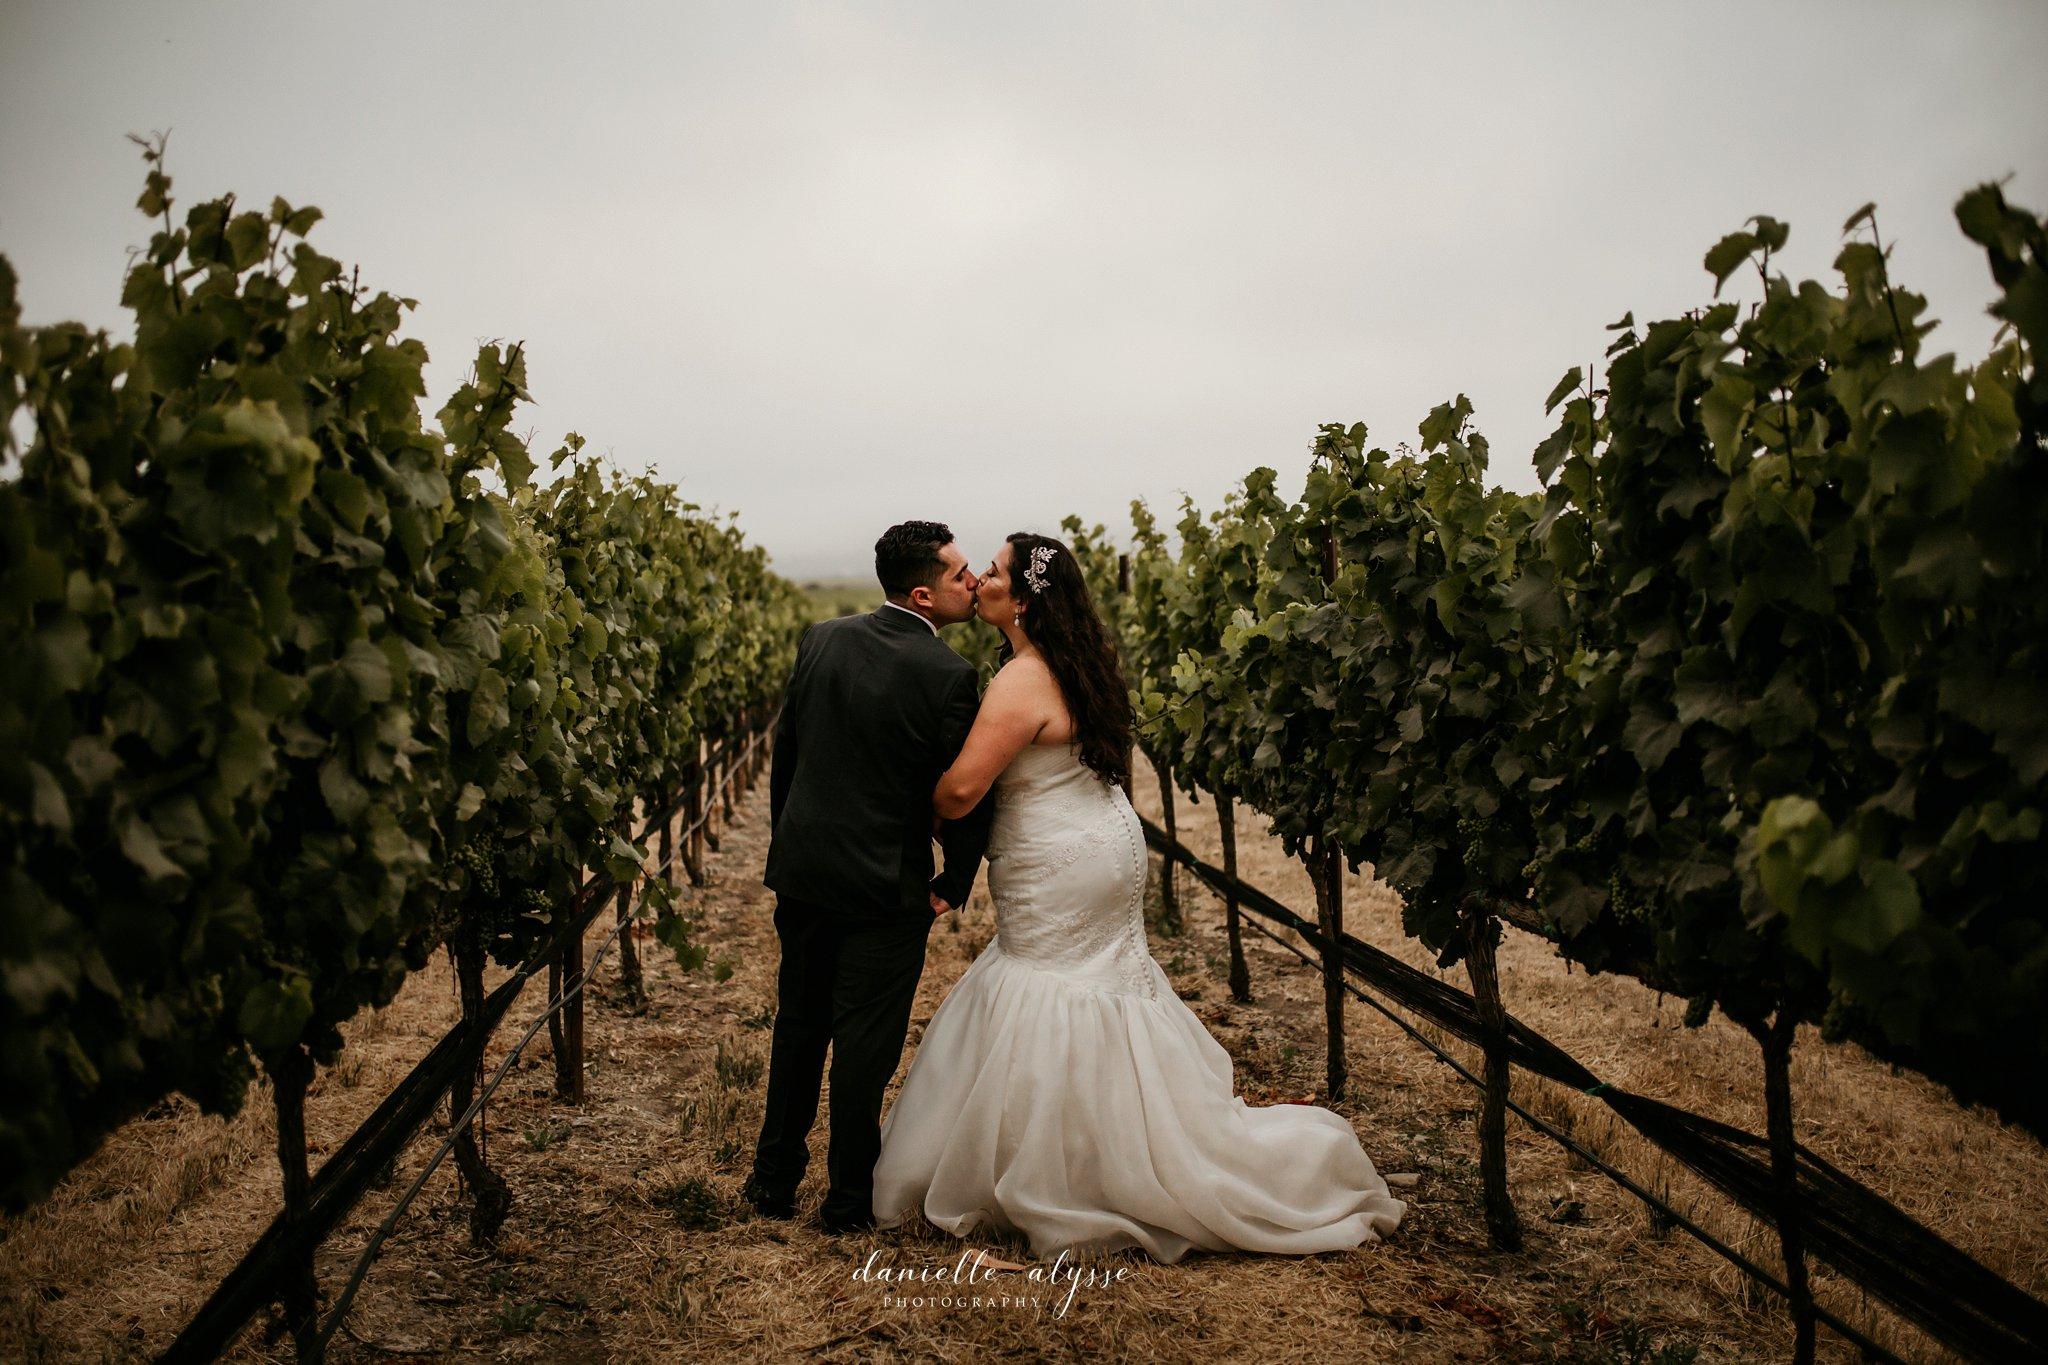 180630_wedding_lily_ryan_mission_soledad_california_danielle_alysse_photography_blog_1180_WEB.jpg